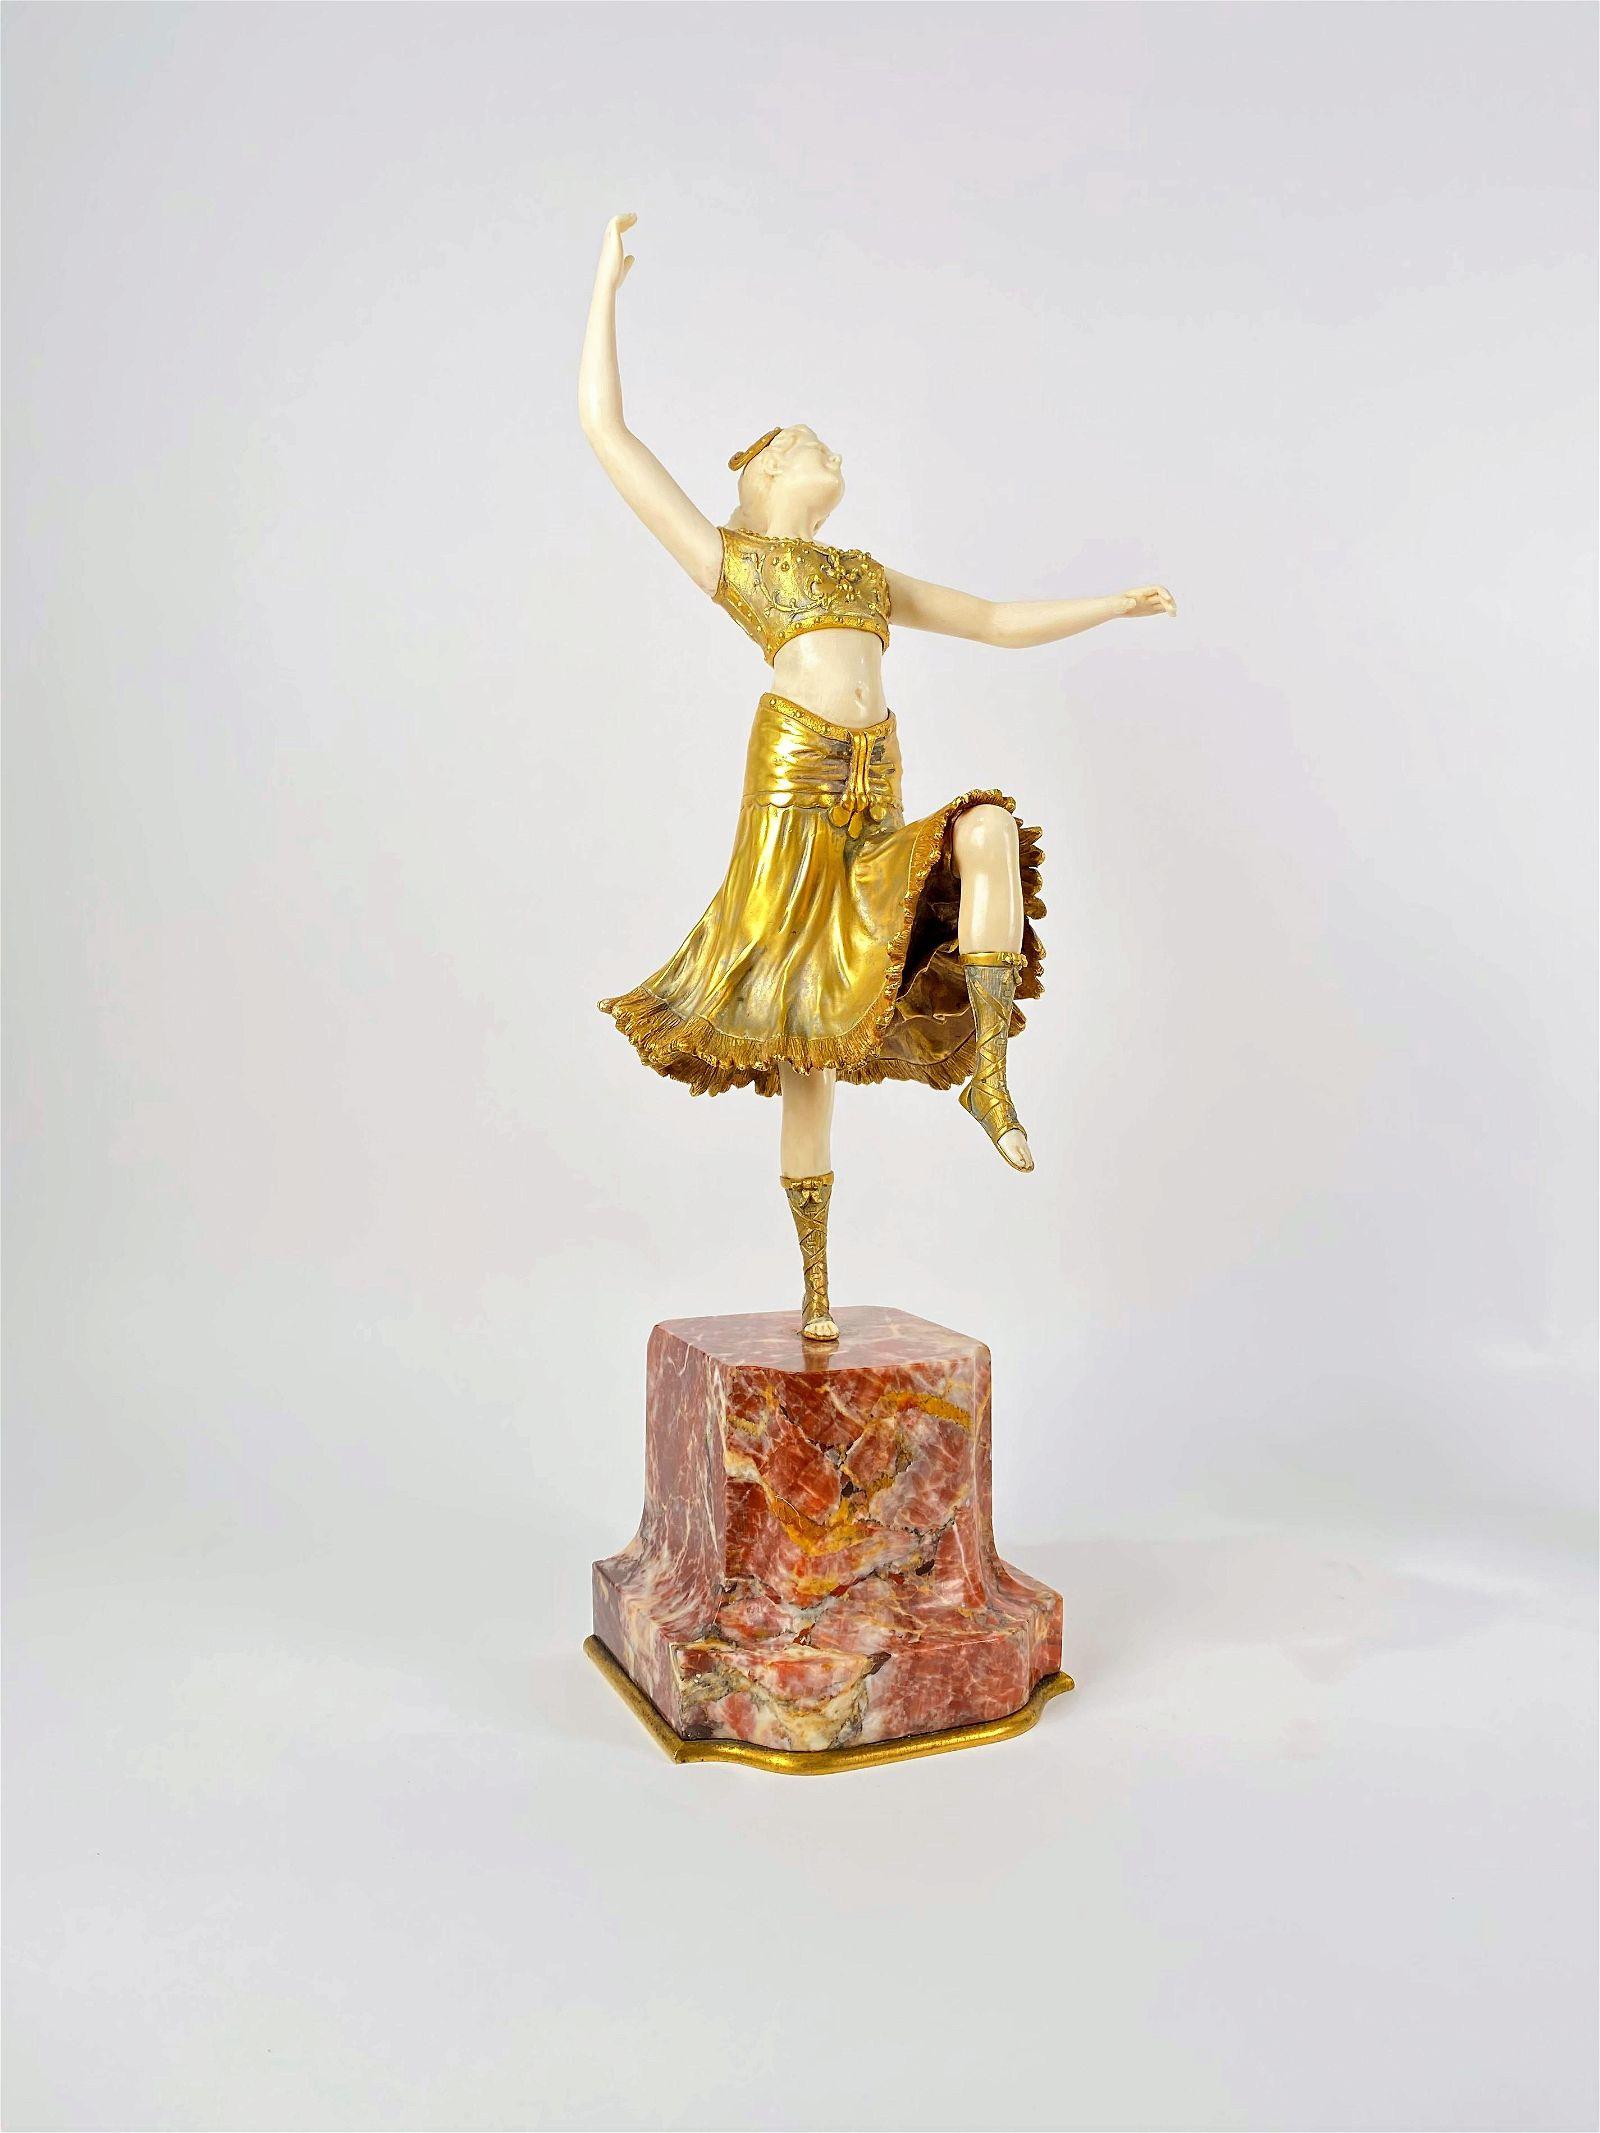 Henri Fugere (1872 - 1944) French Sculptor